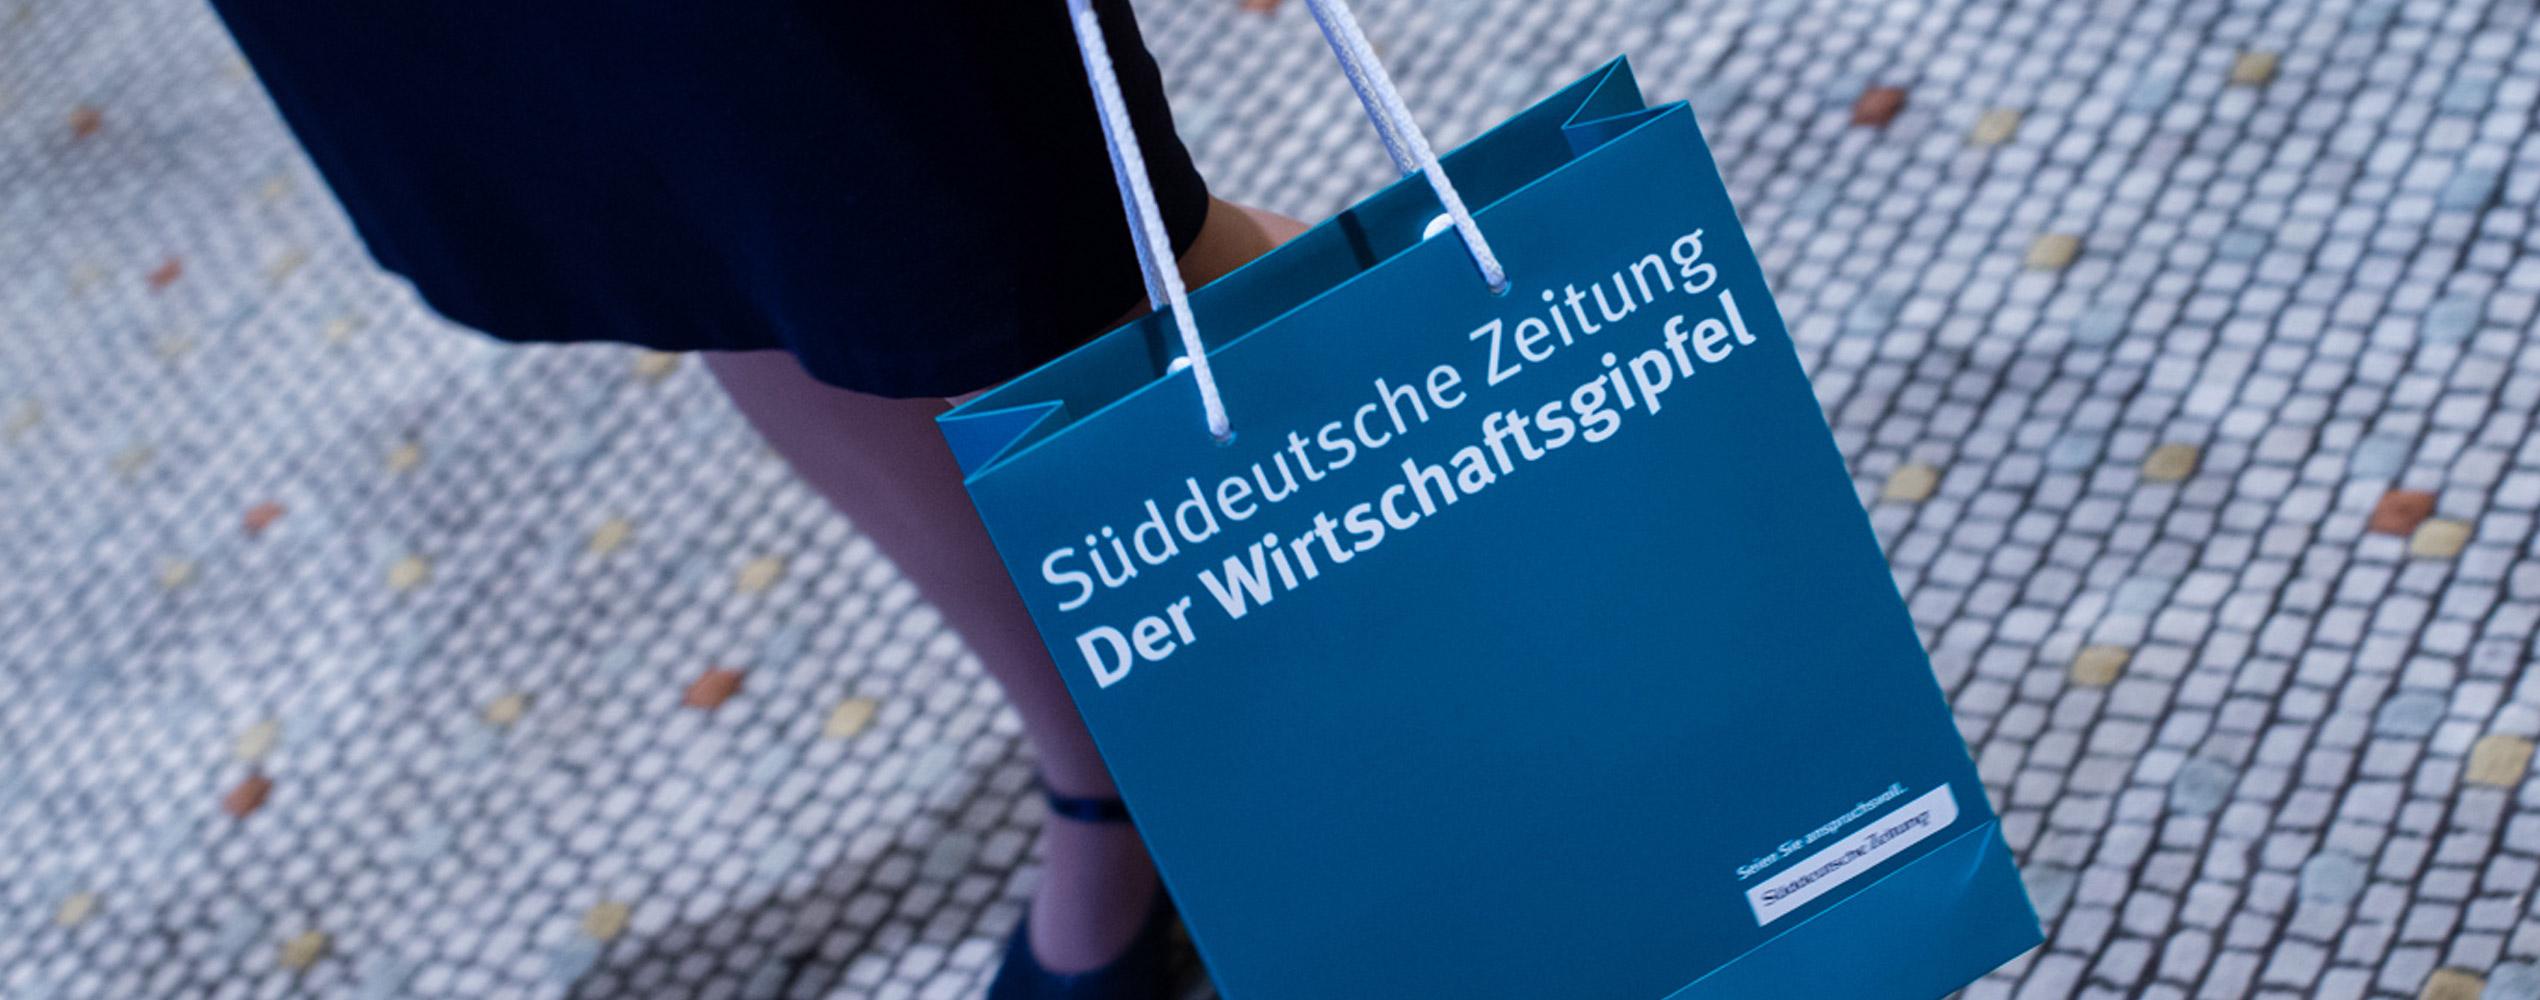 SZ Wirtschaftsgipfel / Bag